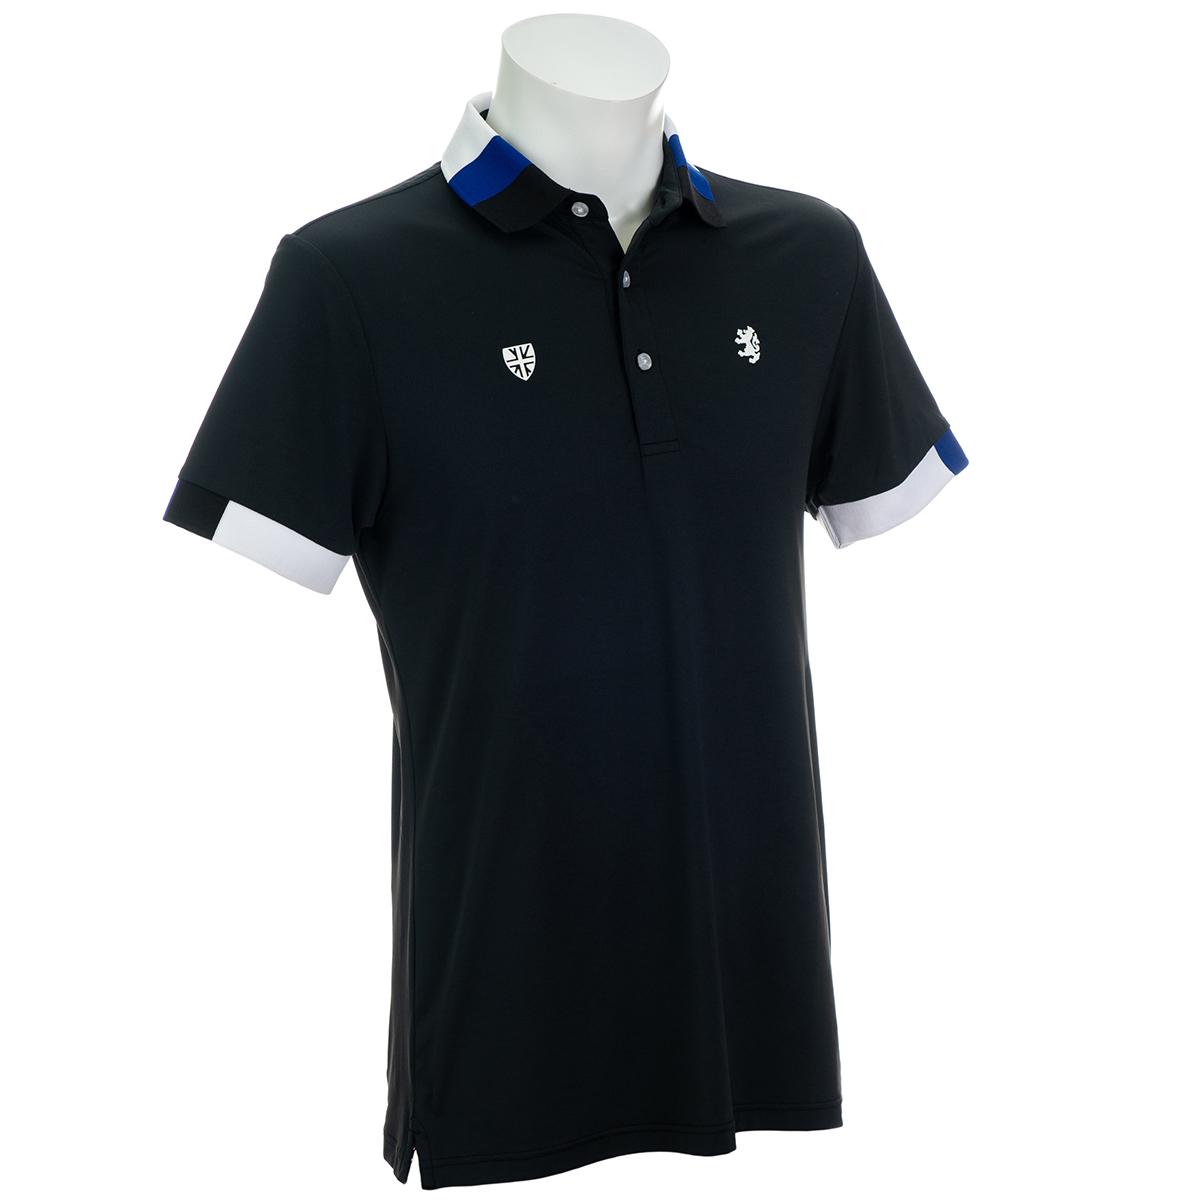 トリコロール襟 ストレッチ半袖ポロシャツ